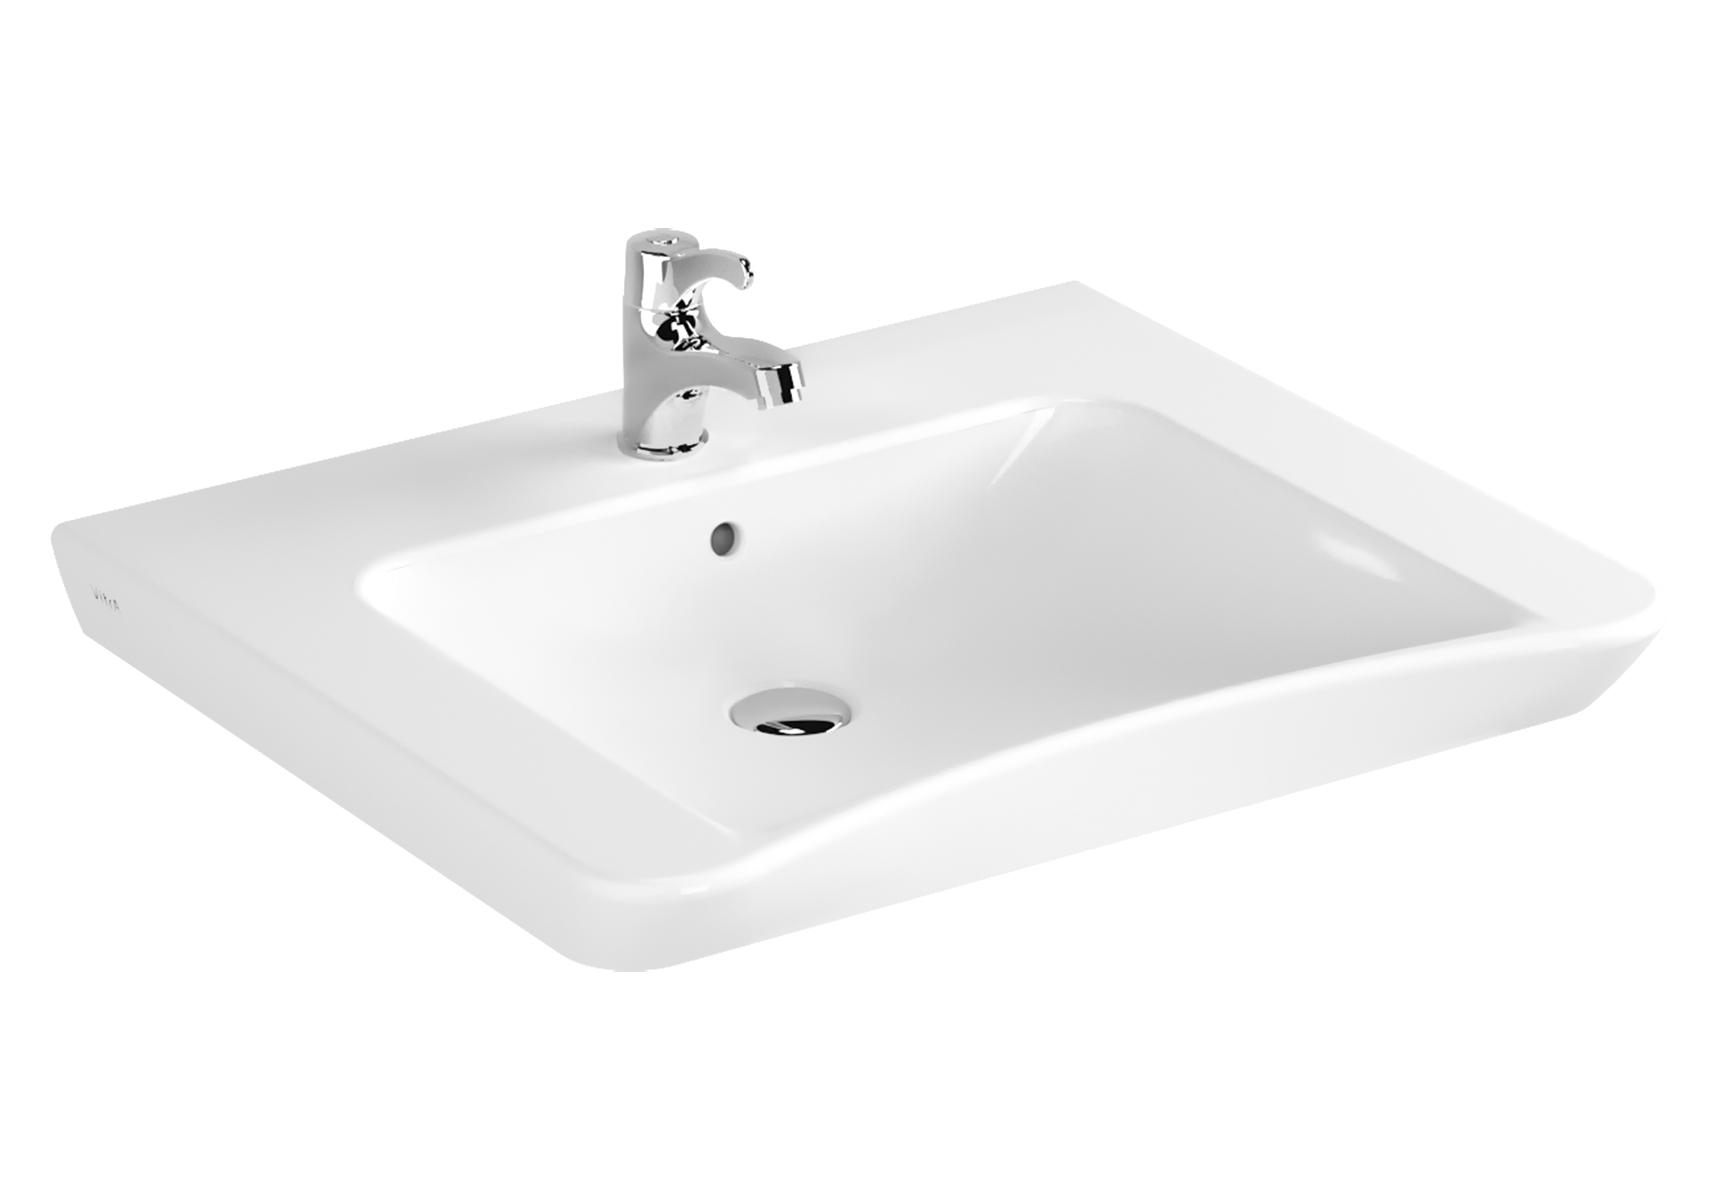 Conforma lavabo PMR, 65 cm, avec équerre de fixation, sans trou, avec trop-plein